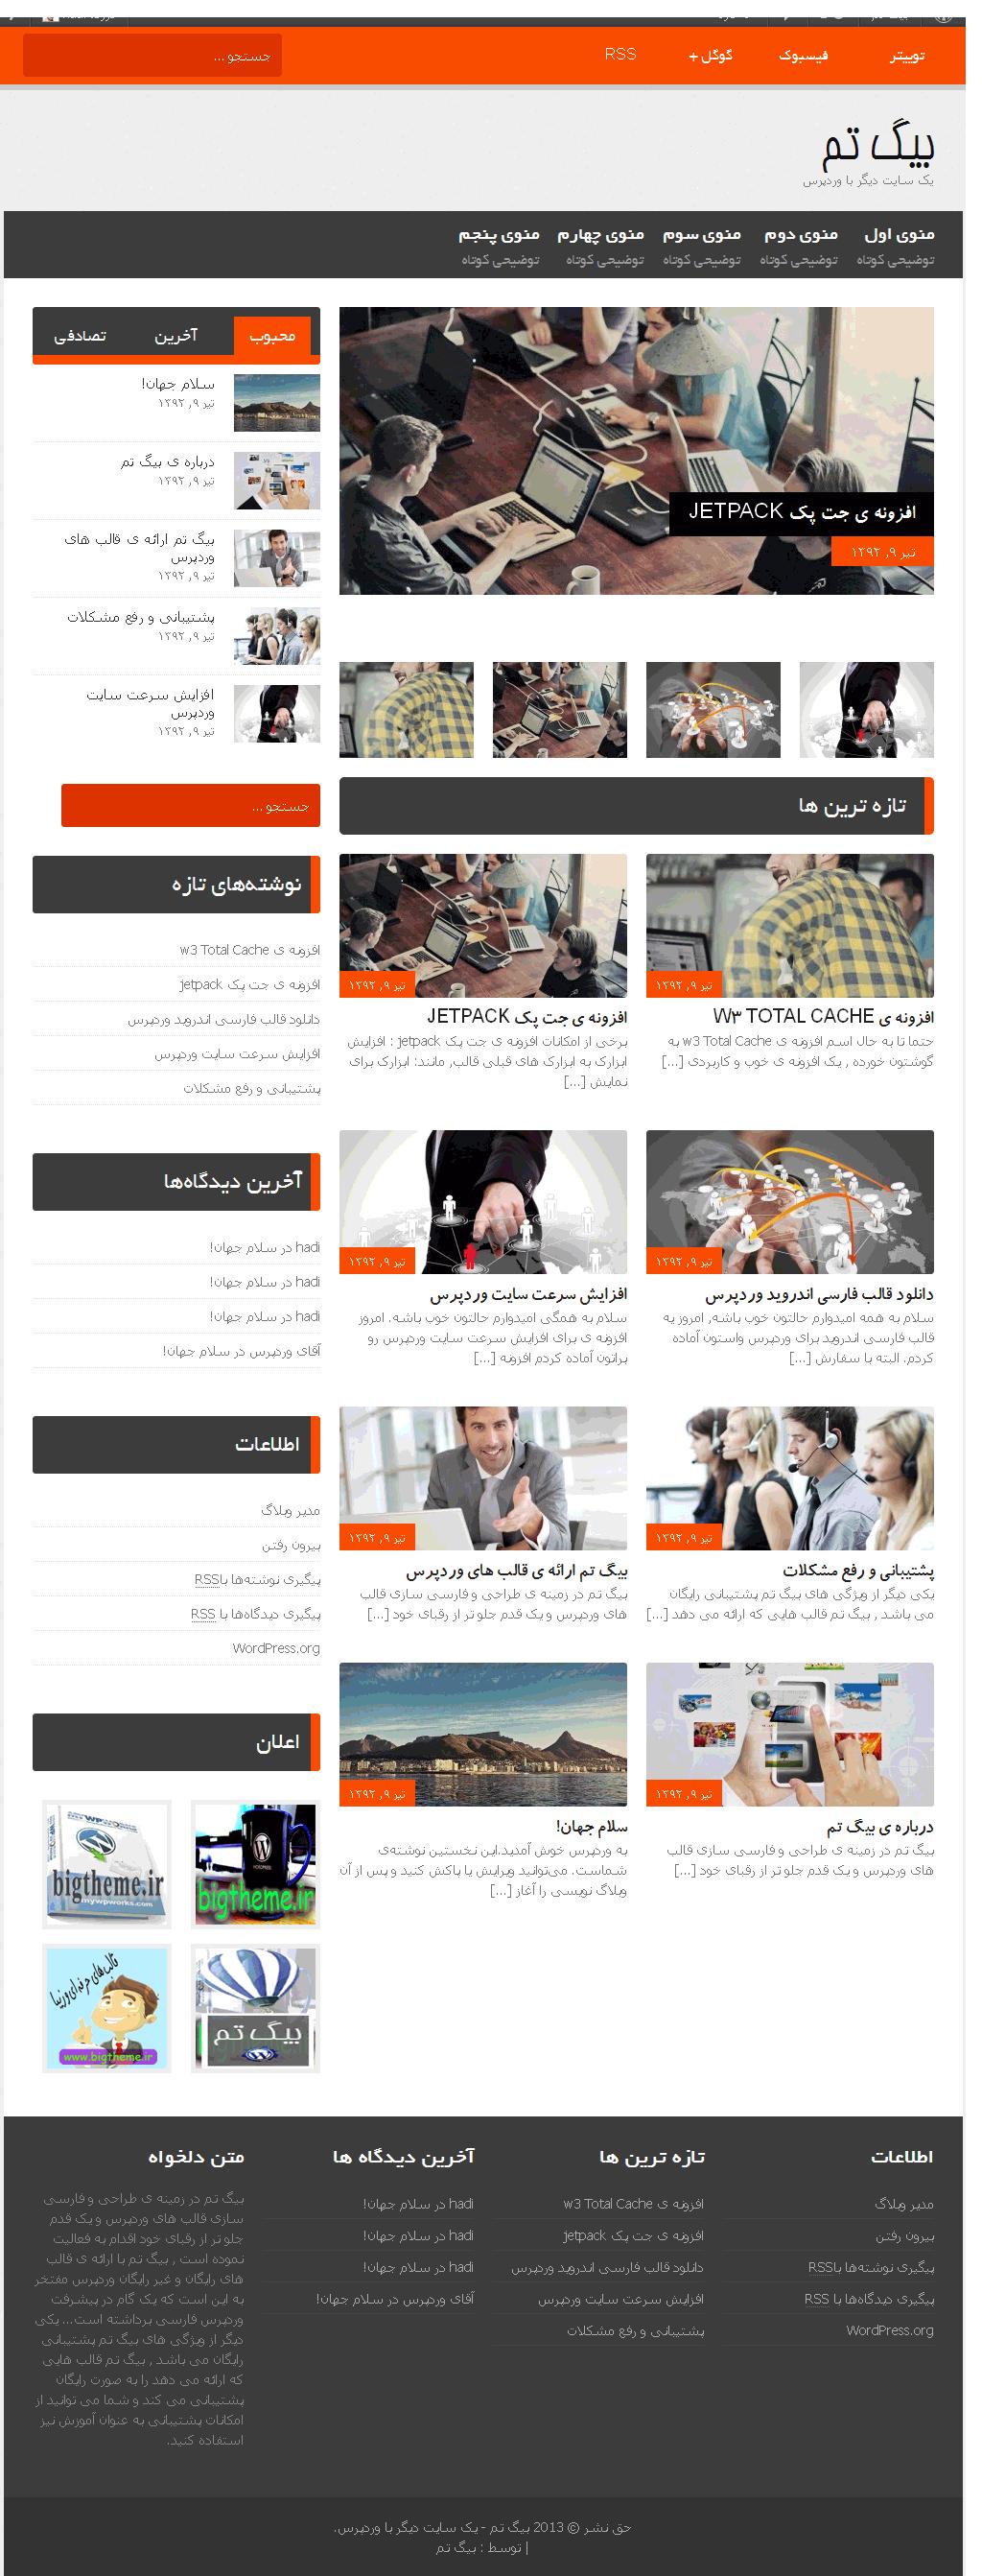 قالب وبلاگی , شخصی و خبری فارسی کنت وردپرس